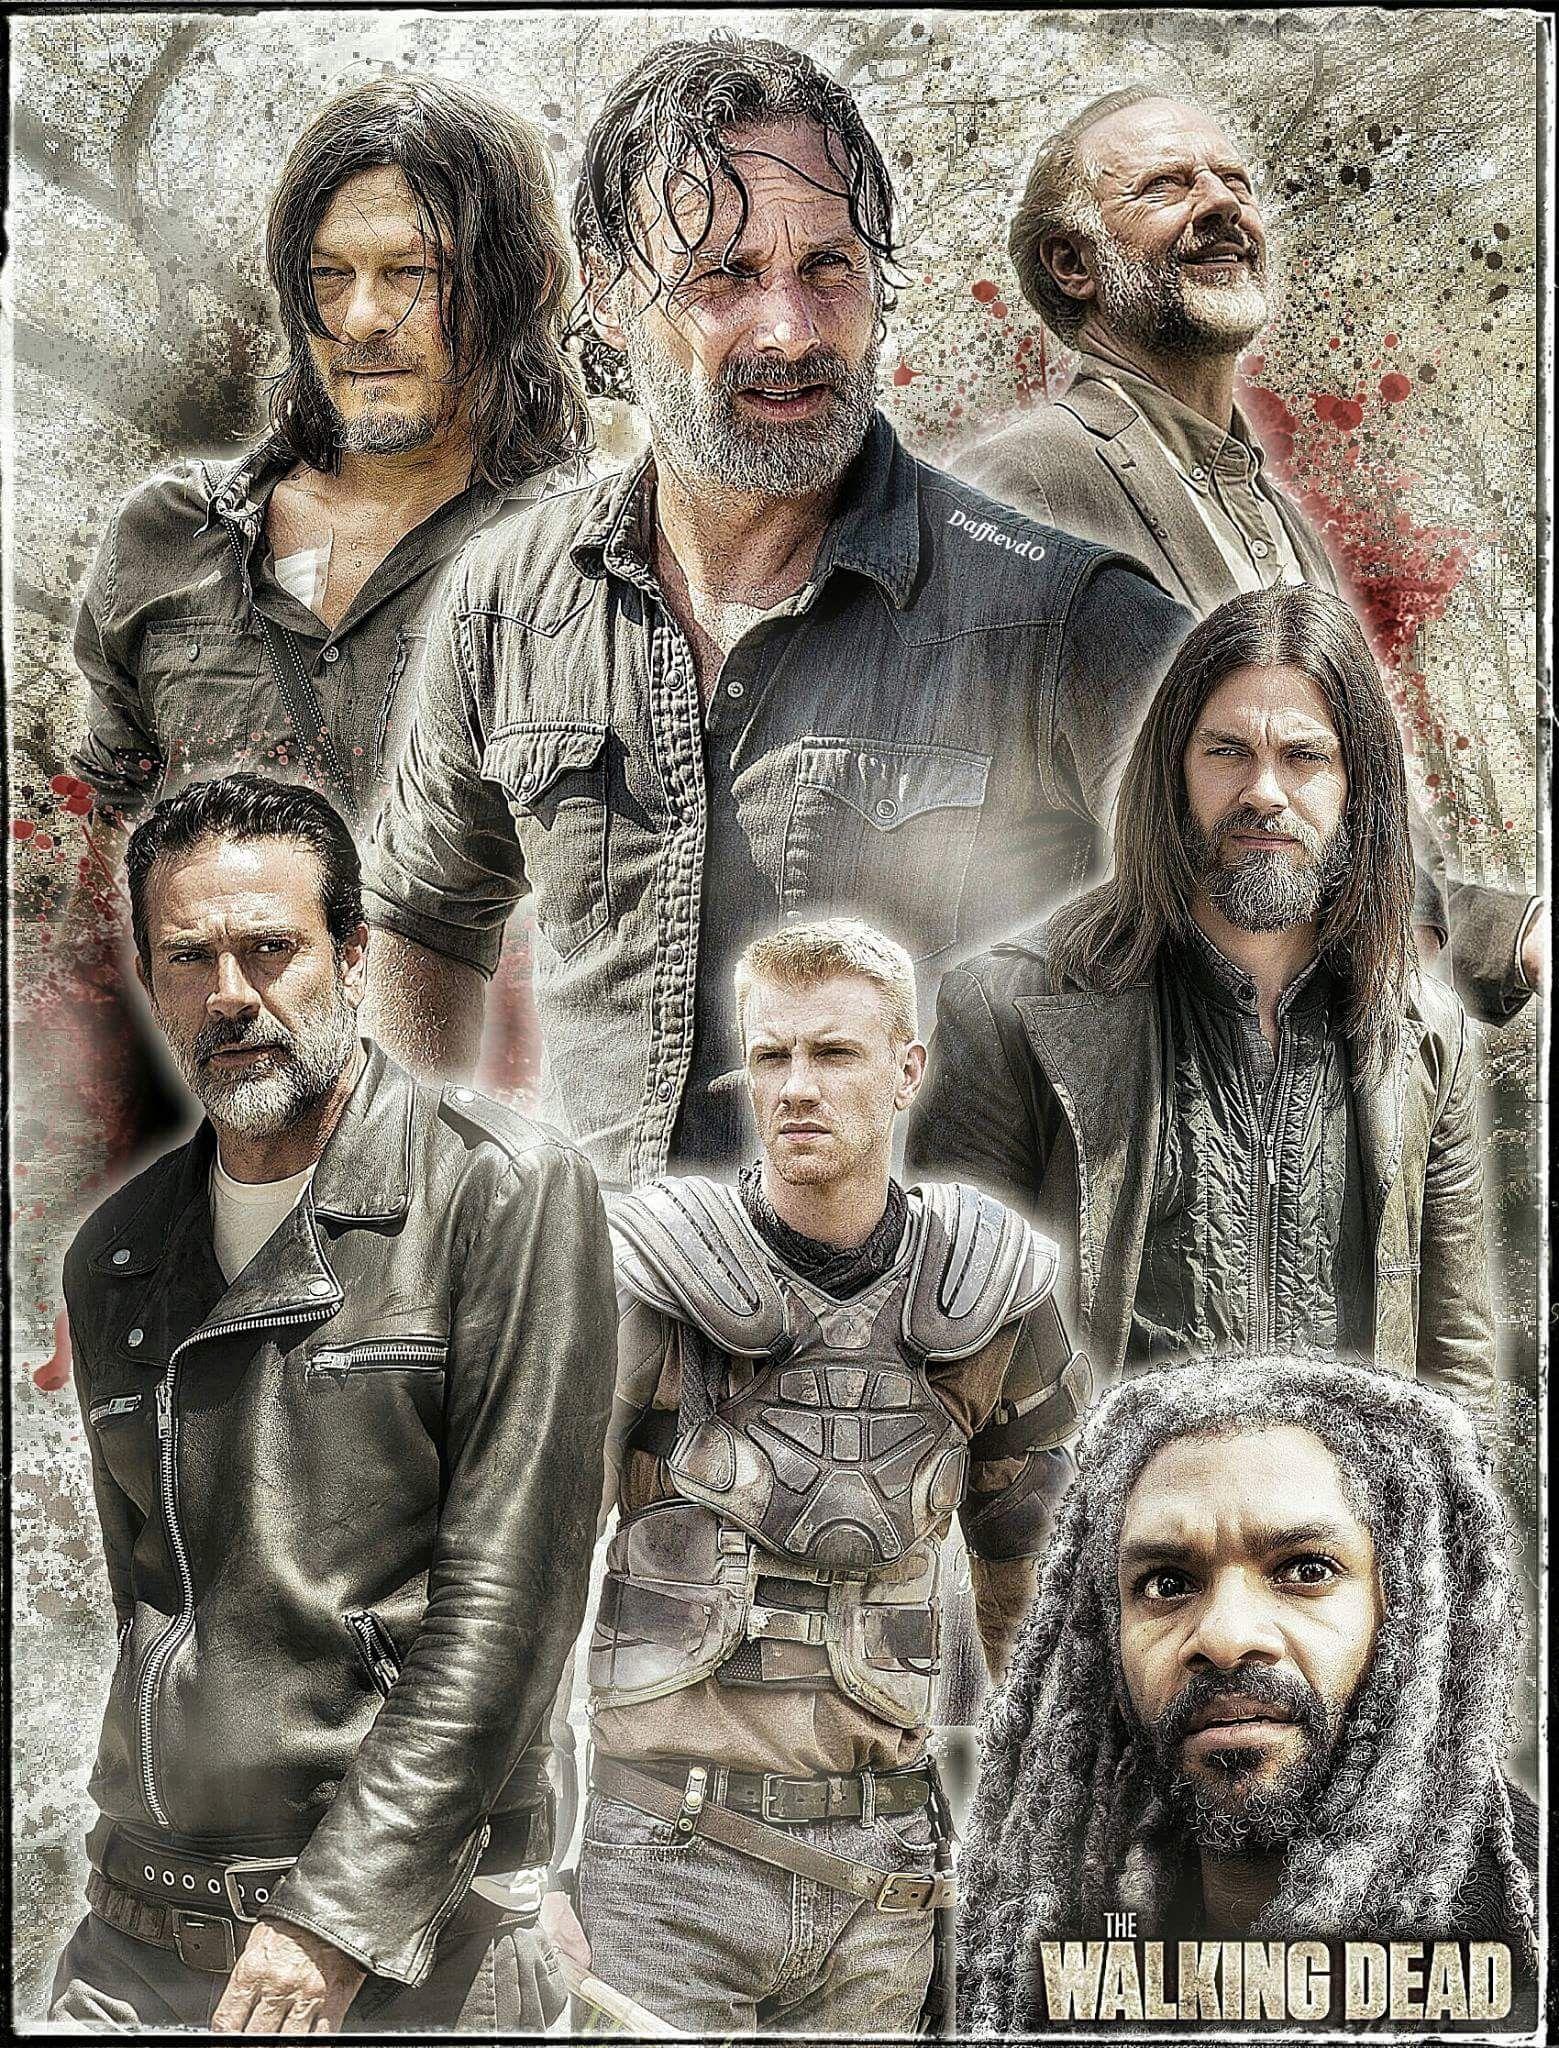 WALKING DEAD POSTER Fear Zombie Season Wall Art Photo Poster A4 A3